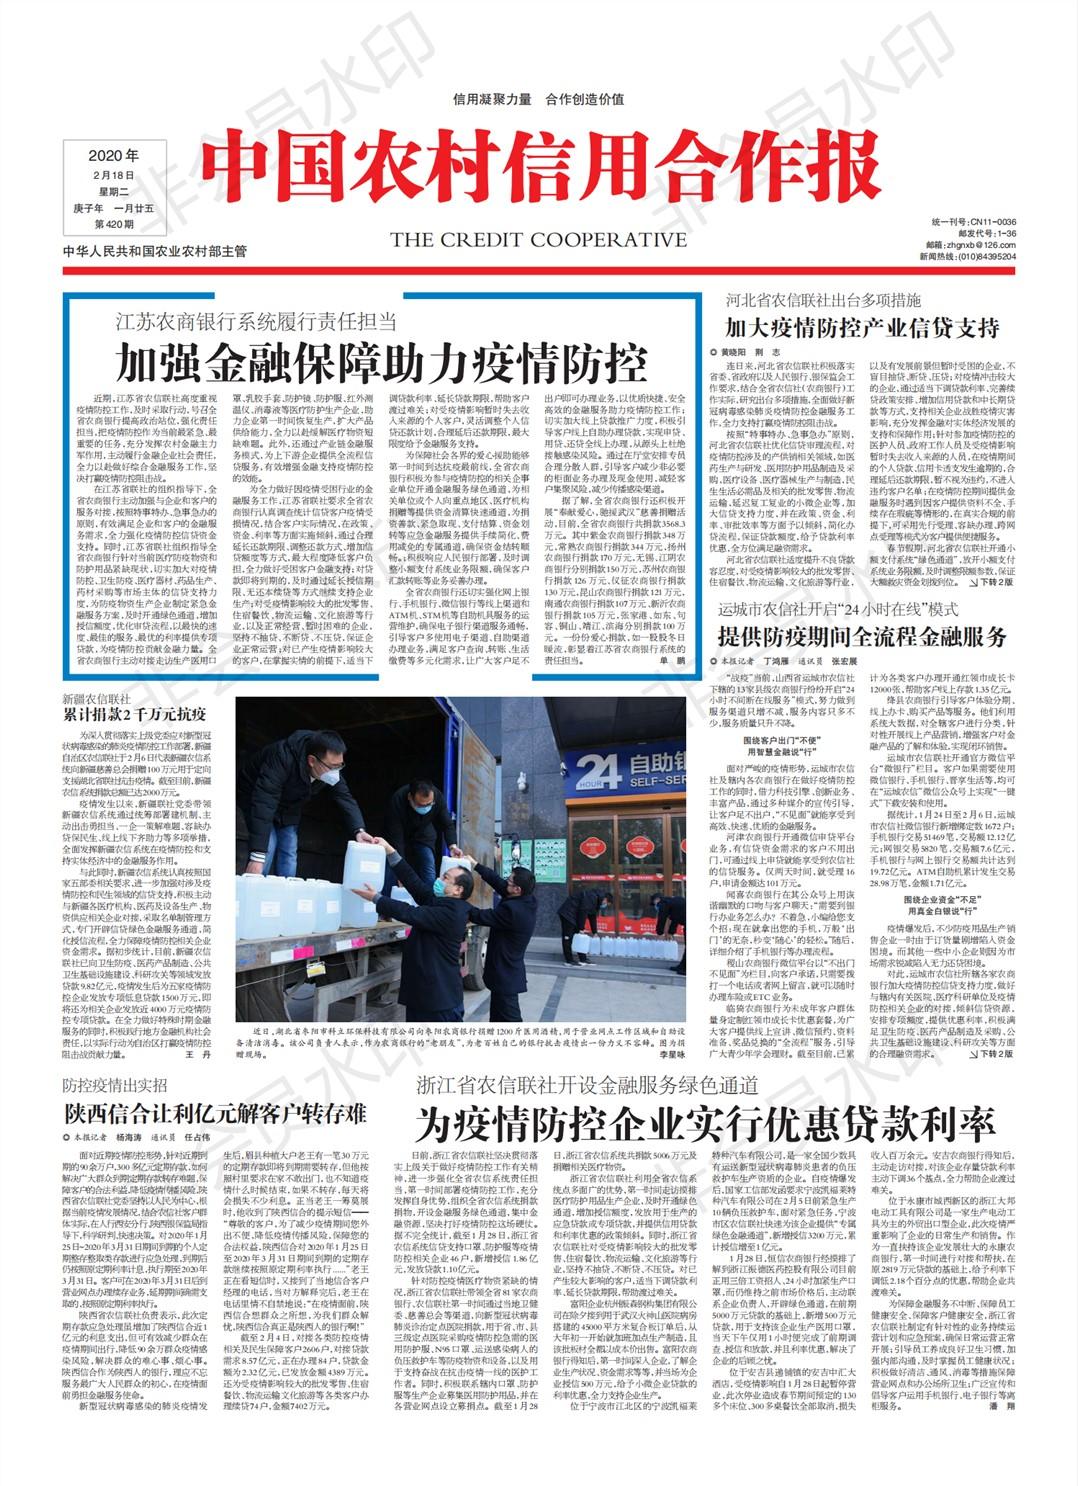 中国农村信用合作报要闻